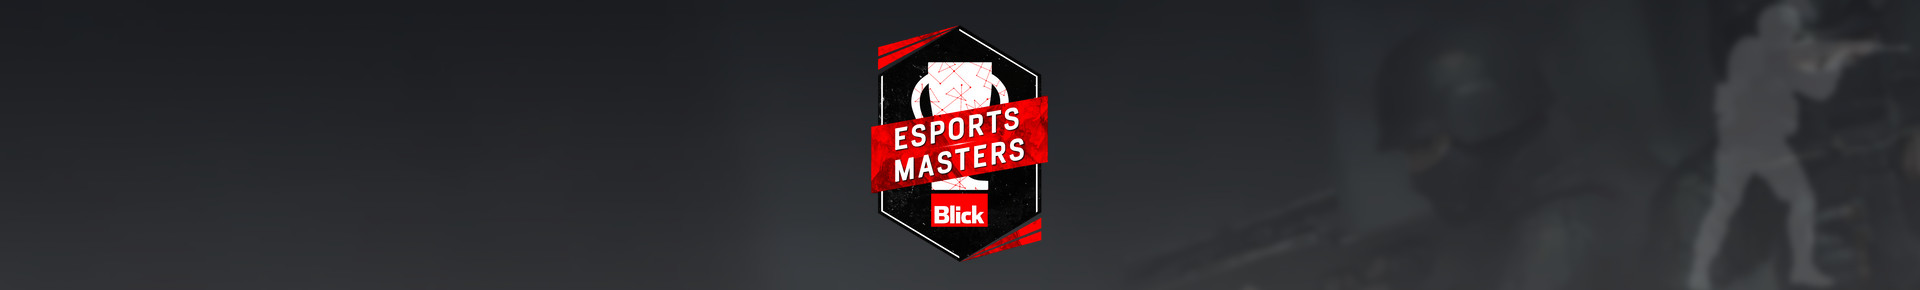 match_bck